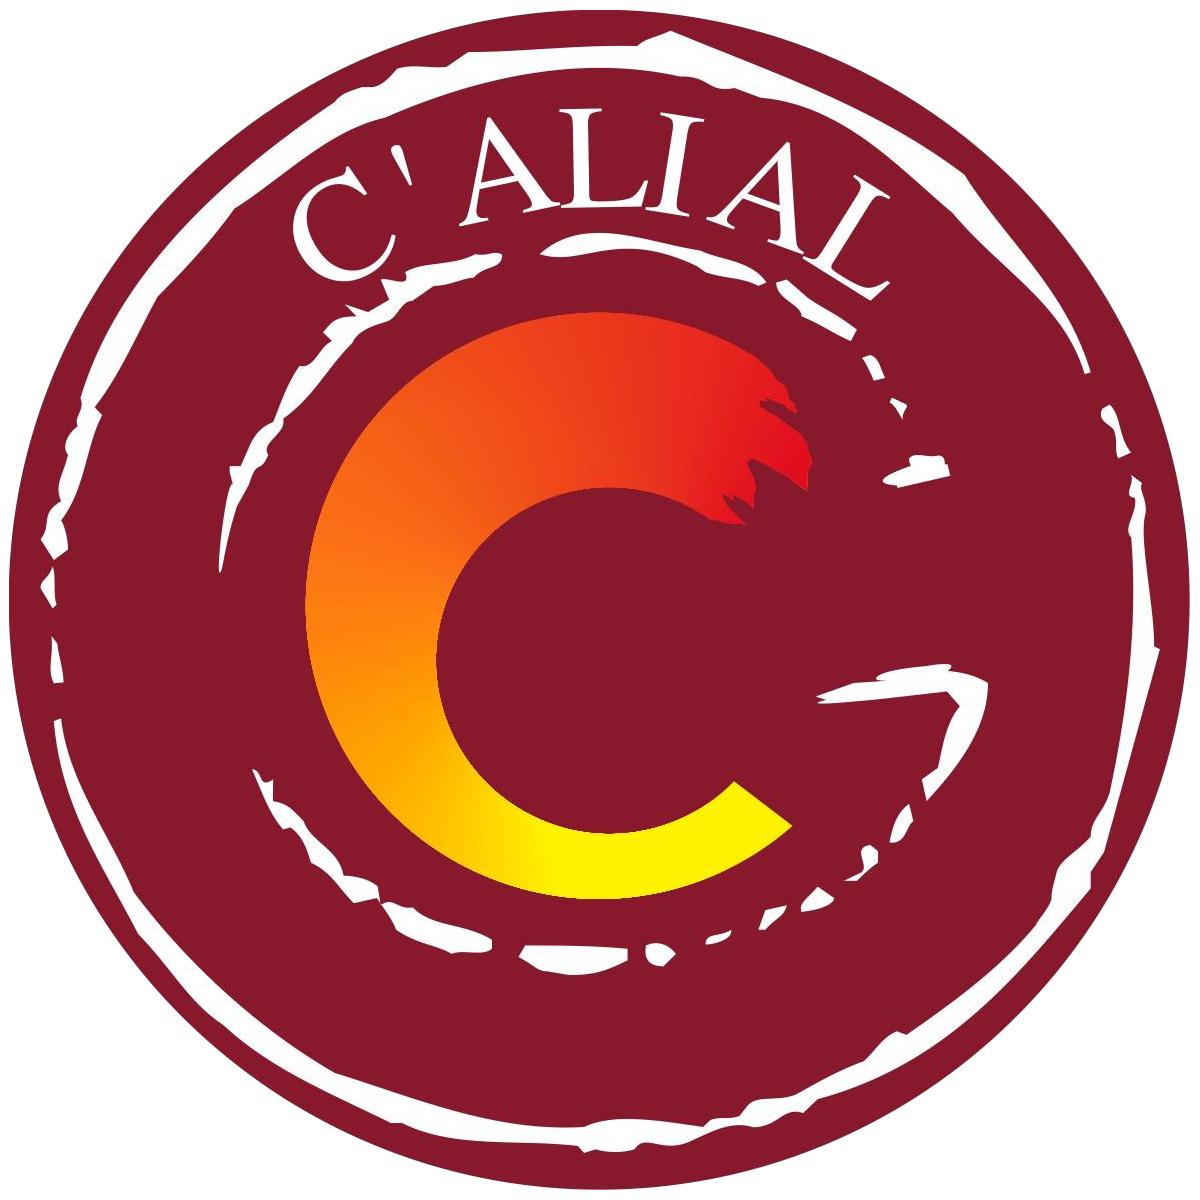 C'alial